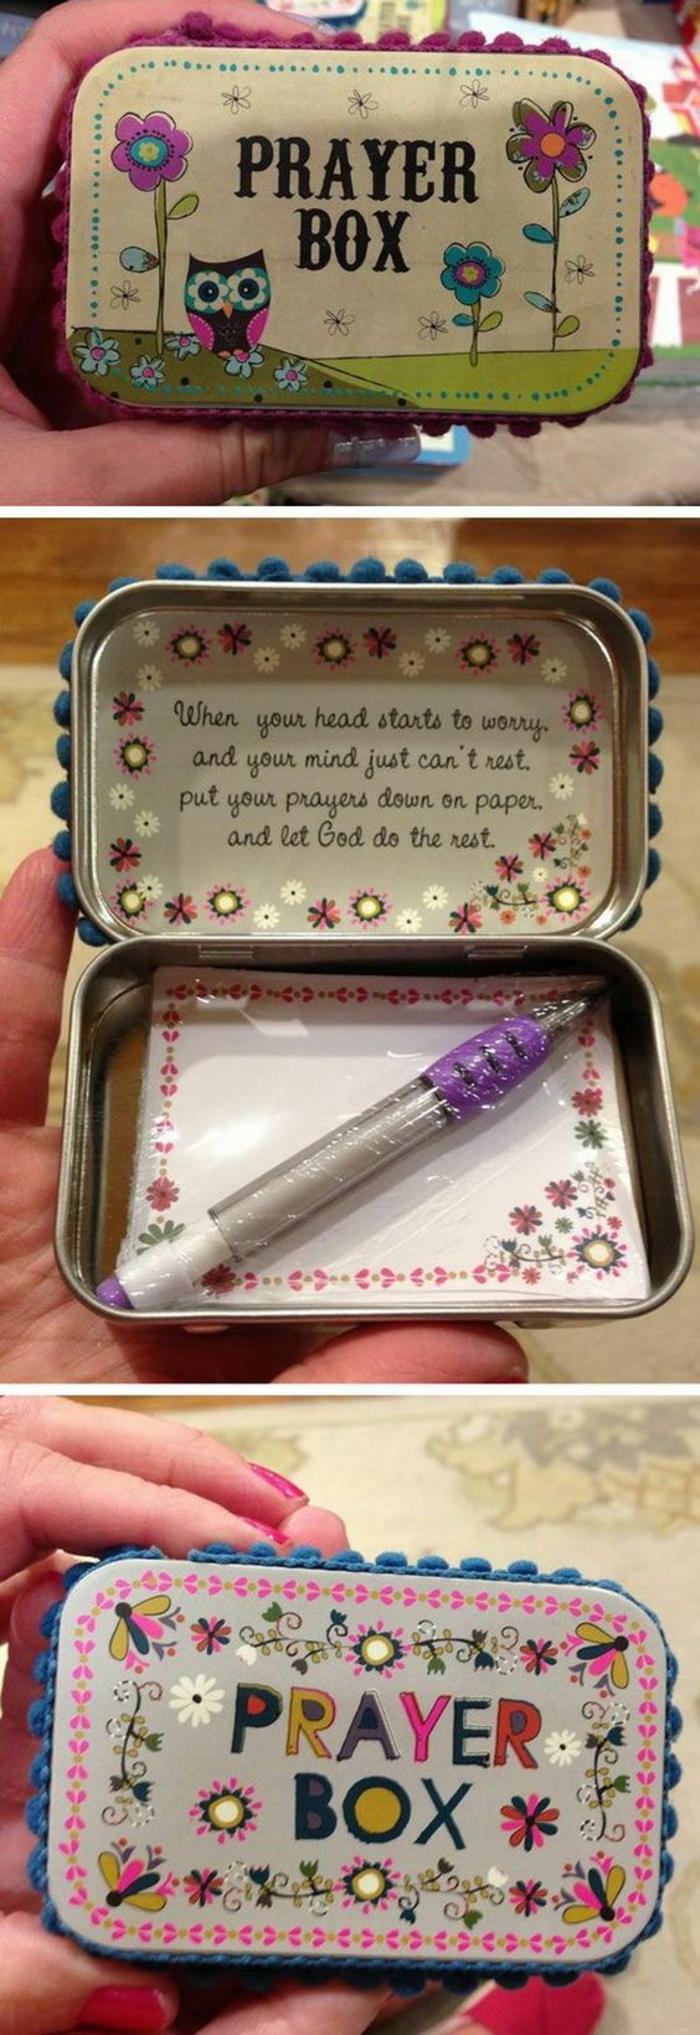 schön dekorierte Schachtel mit kleinen Zettel und Kugelschreiber - Geschenk zum Muttertag